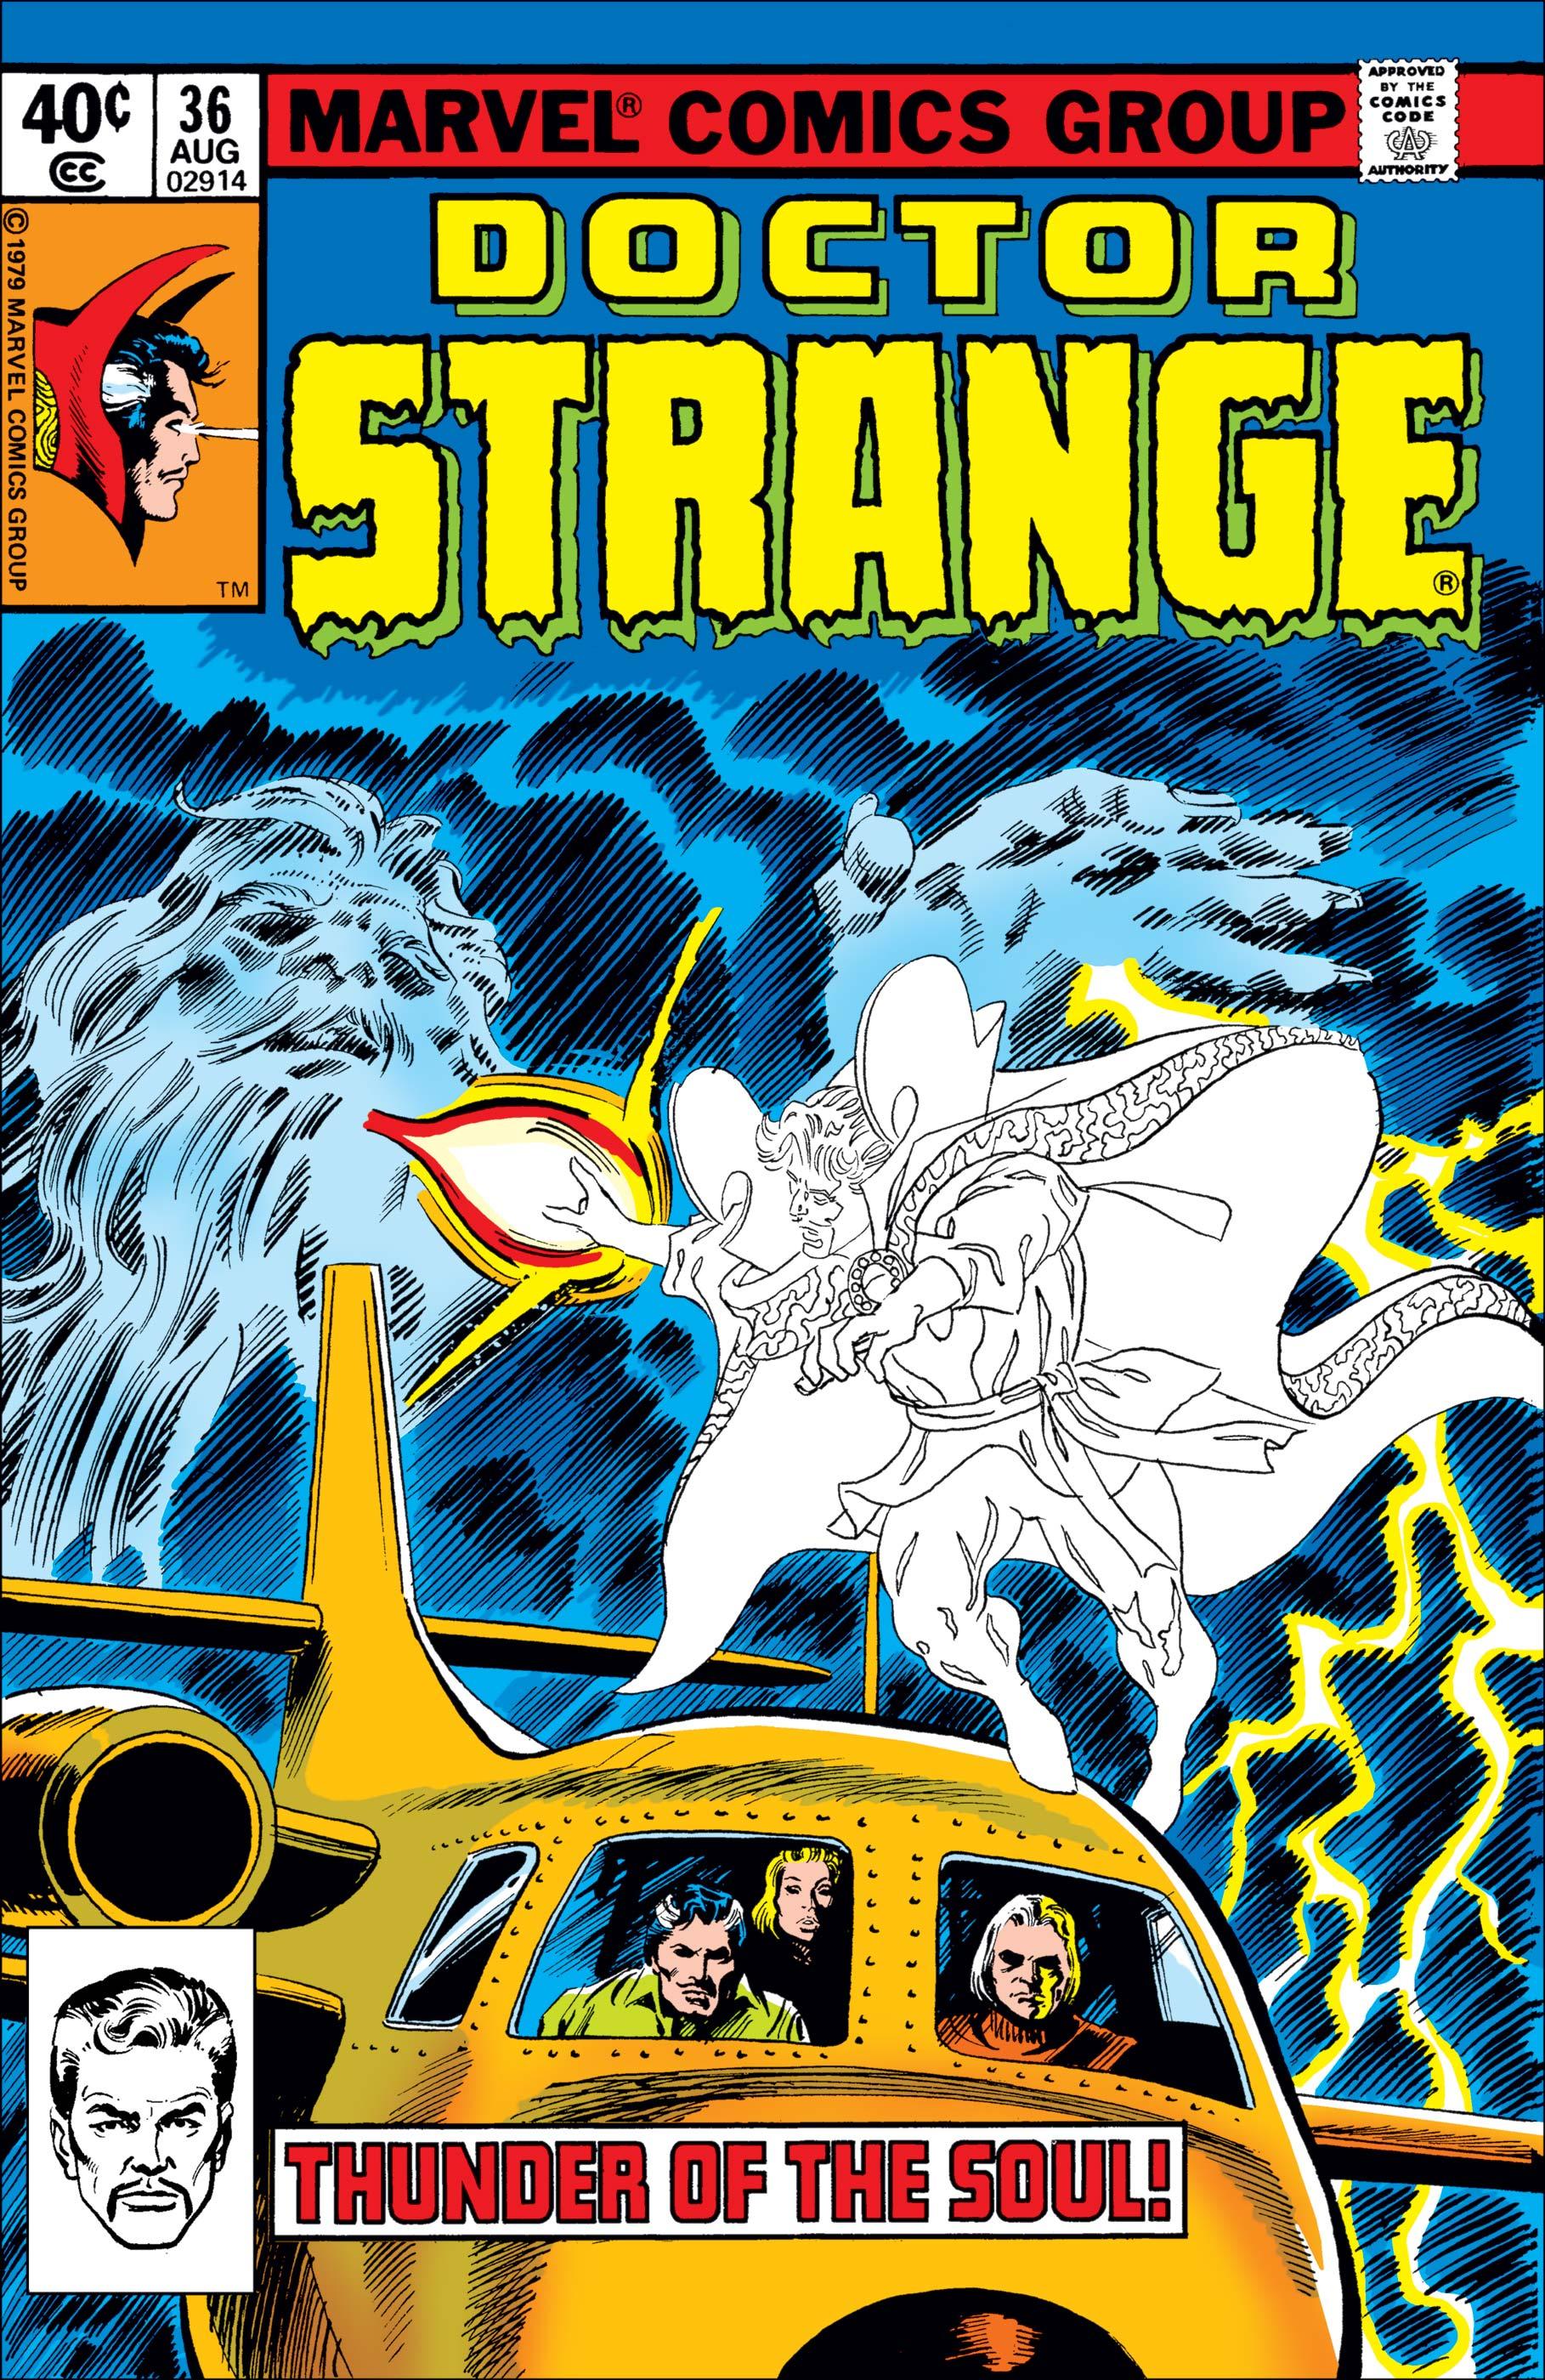 Doctor Strange (1974) #36